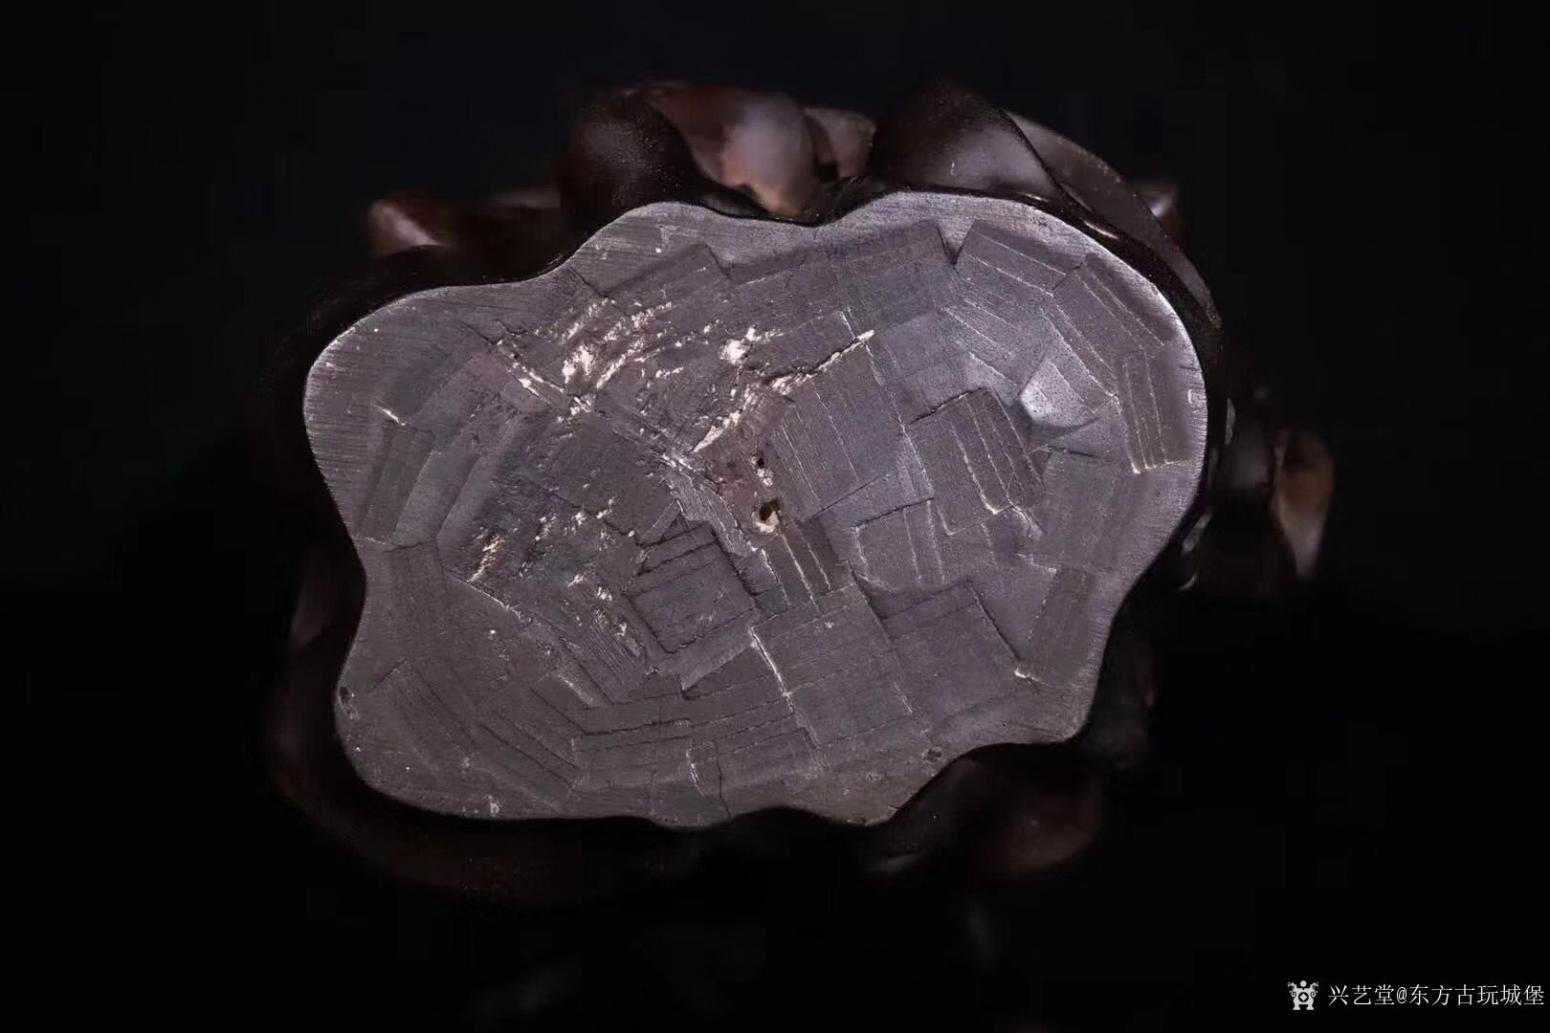 东方古玩城堡雕刻作品《紫檀木刘海戏金蟾》【图7】